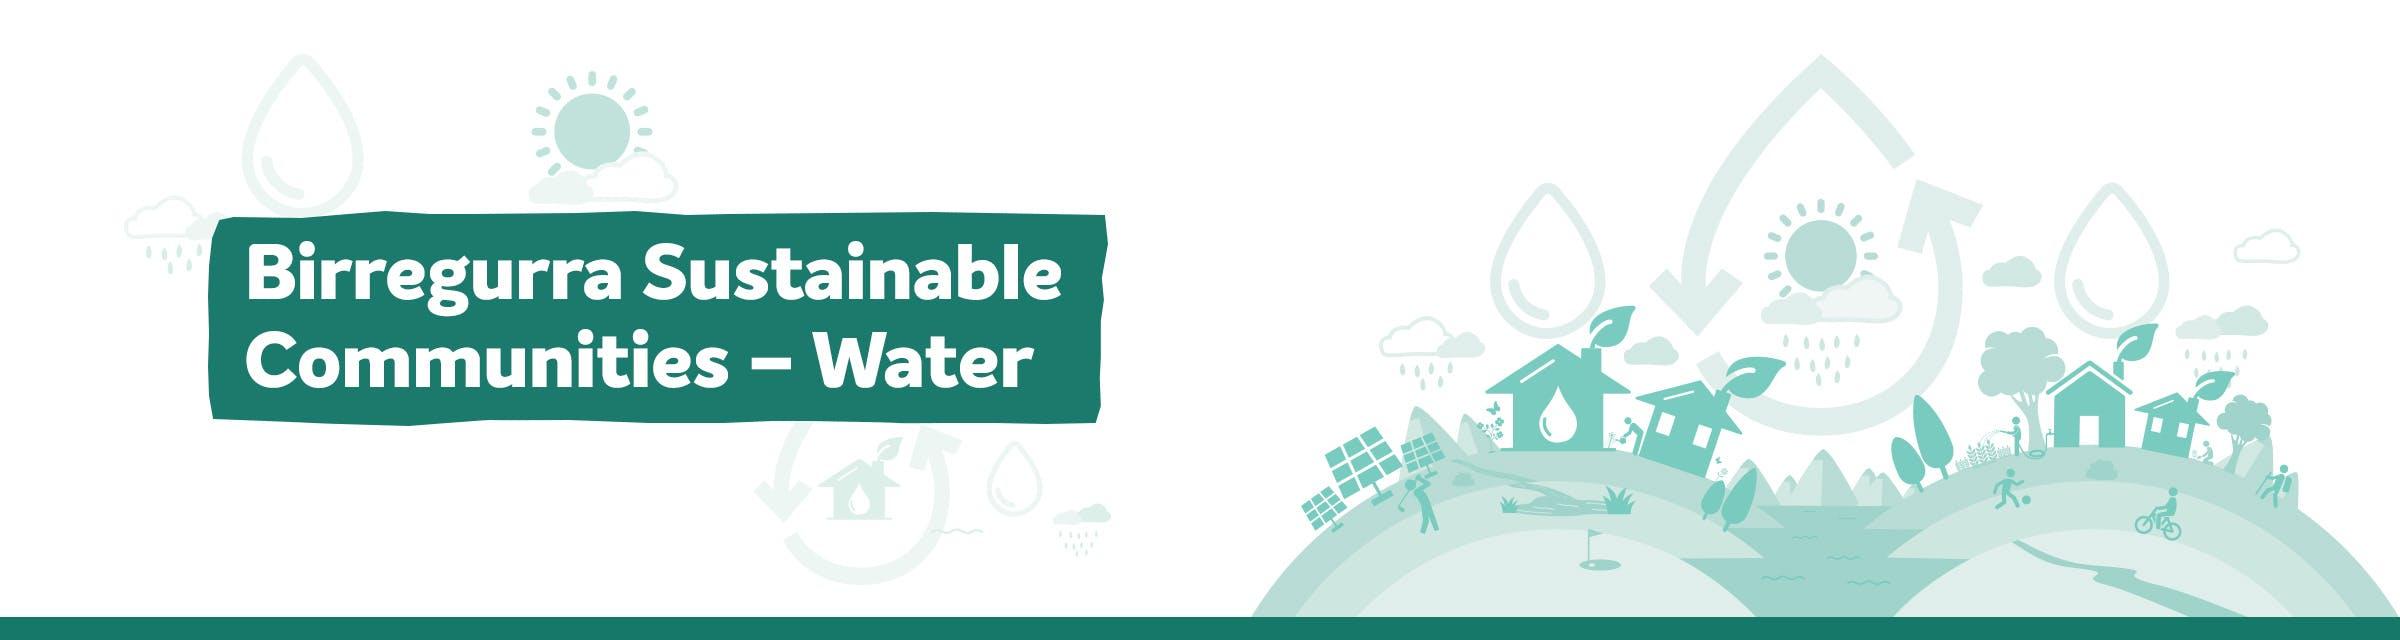 Birregurra Sustainable Communities (header)